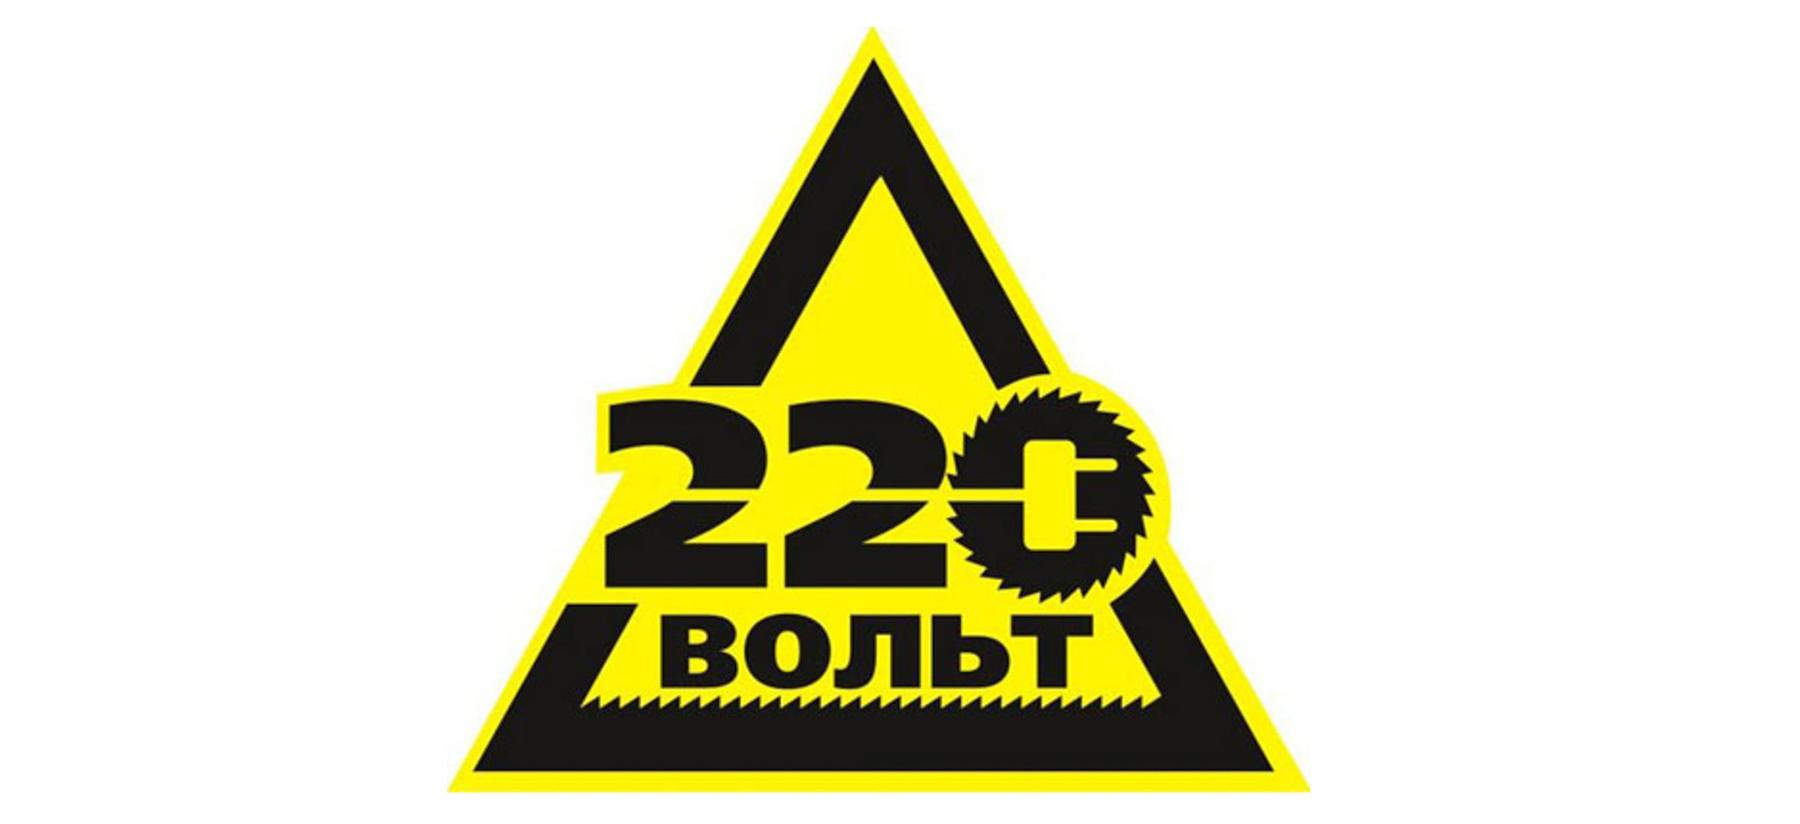 Печать наклеек на розетку 220 вольт в Москве   фото 4